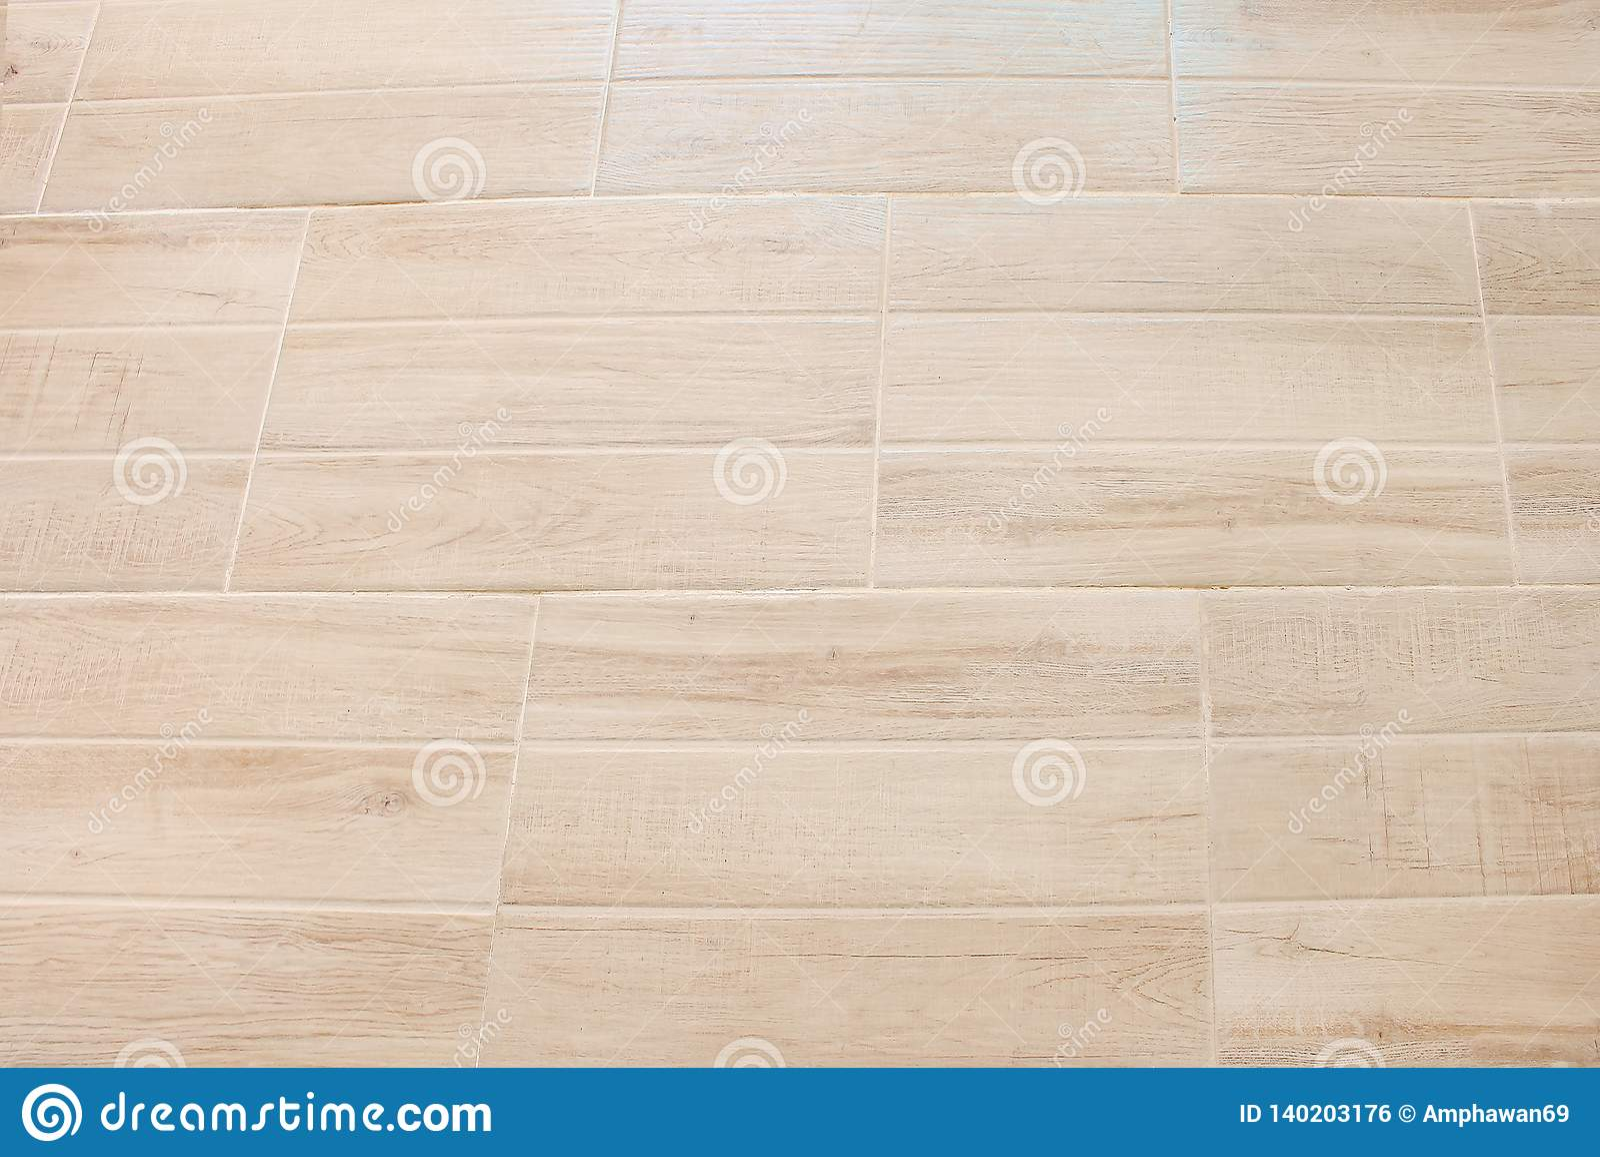 Modèles Décoratifs De La Texture En Stratifié Brun Clair